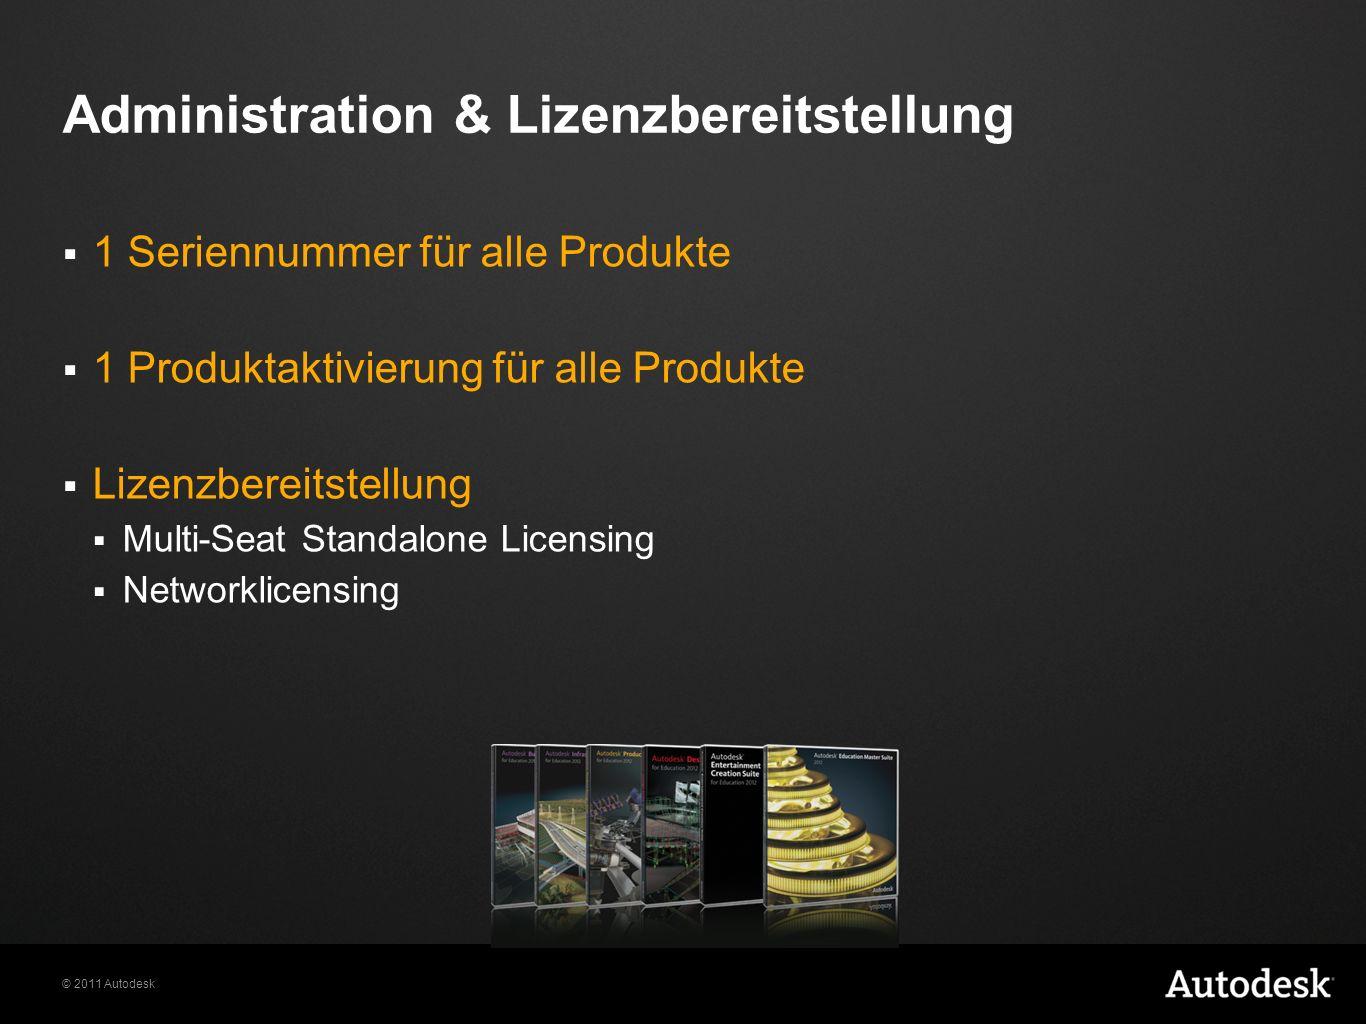 © 2011 Autodesk Administration & Lizenzbereitstellung 1 Seriennummer für alle Produkte 1 Produktaktivierung für alle Produkte Lizenzbereitstellung Multi-Seat Standalone Licensing Networklicensing